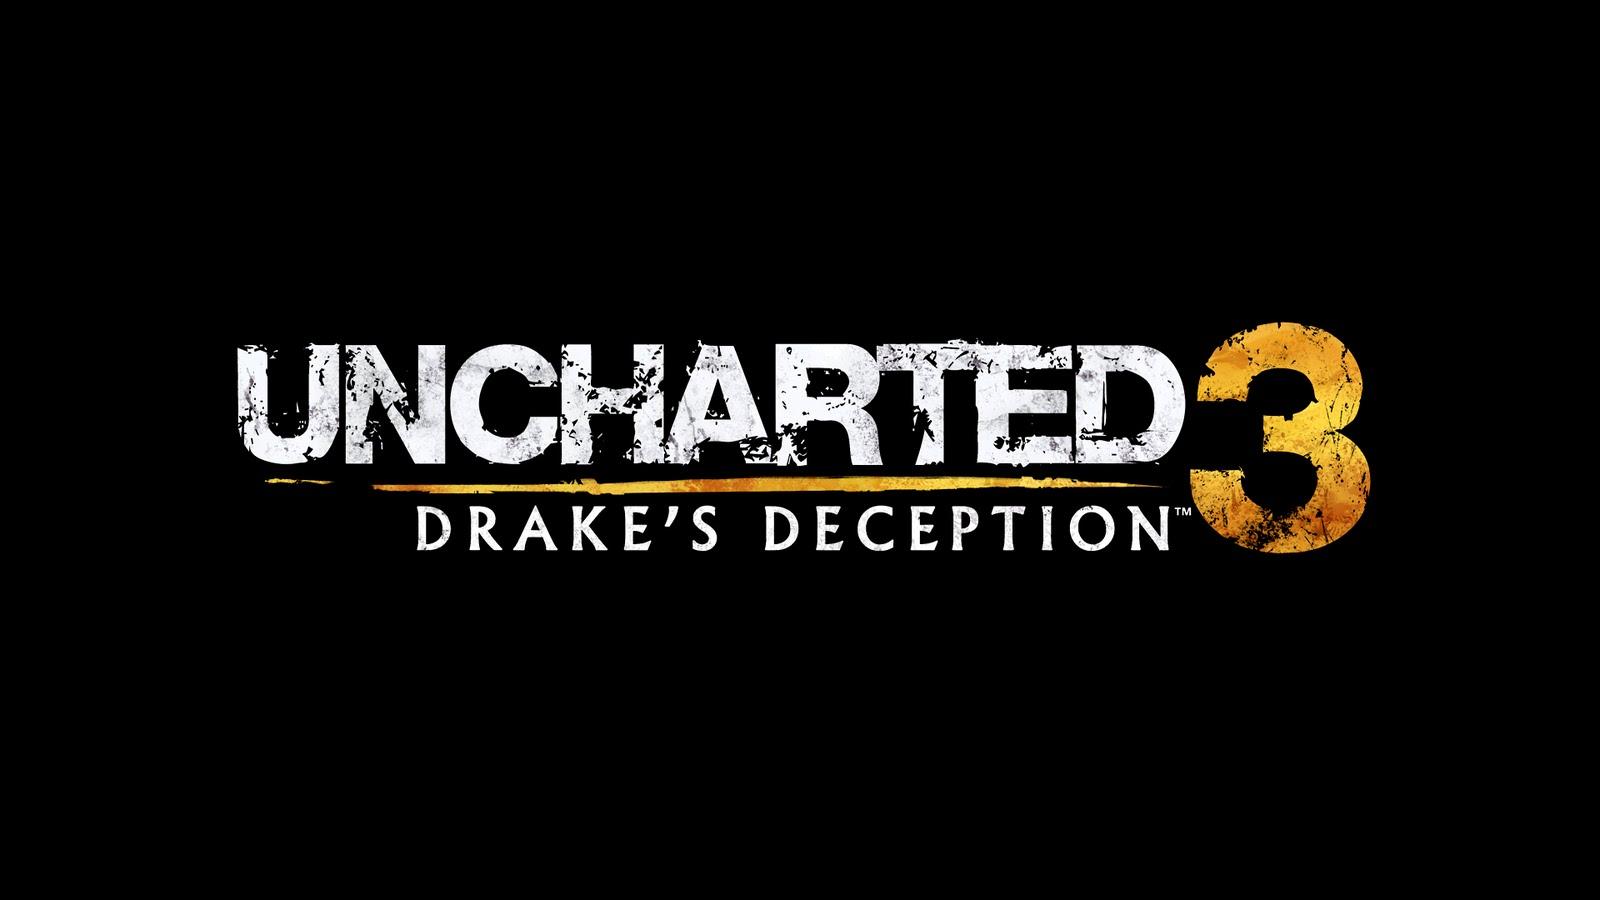 http://2.bp.blogspot.com/-hx7mMt7JdgM/Tke7qsX4x3I/AAAAAAAAClM/sNNGfypaP78/s1600/Uncharted+3_+Drake%2527s_+Deception_HD_Wallpaper_Logo_www.vvallpaper.net.jpg